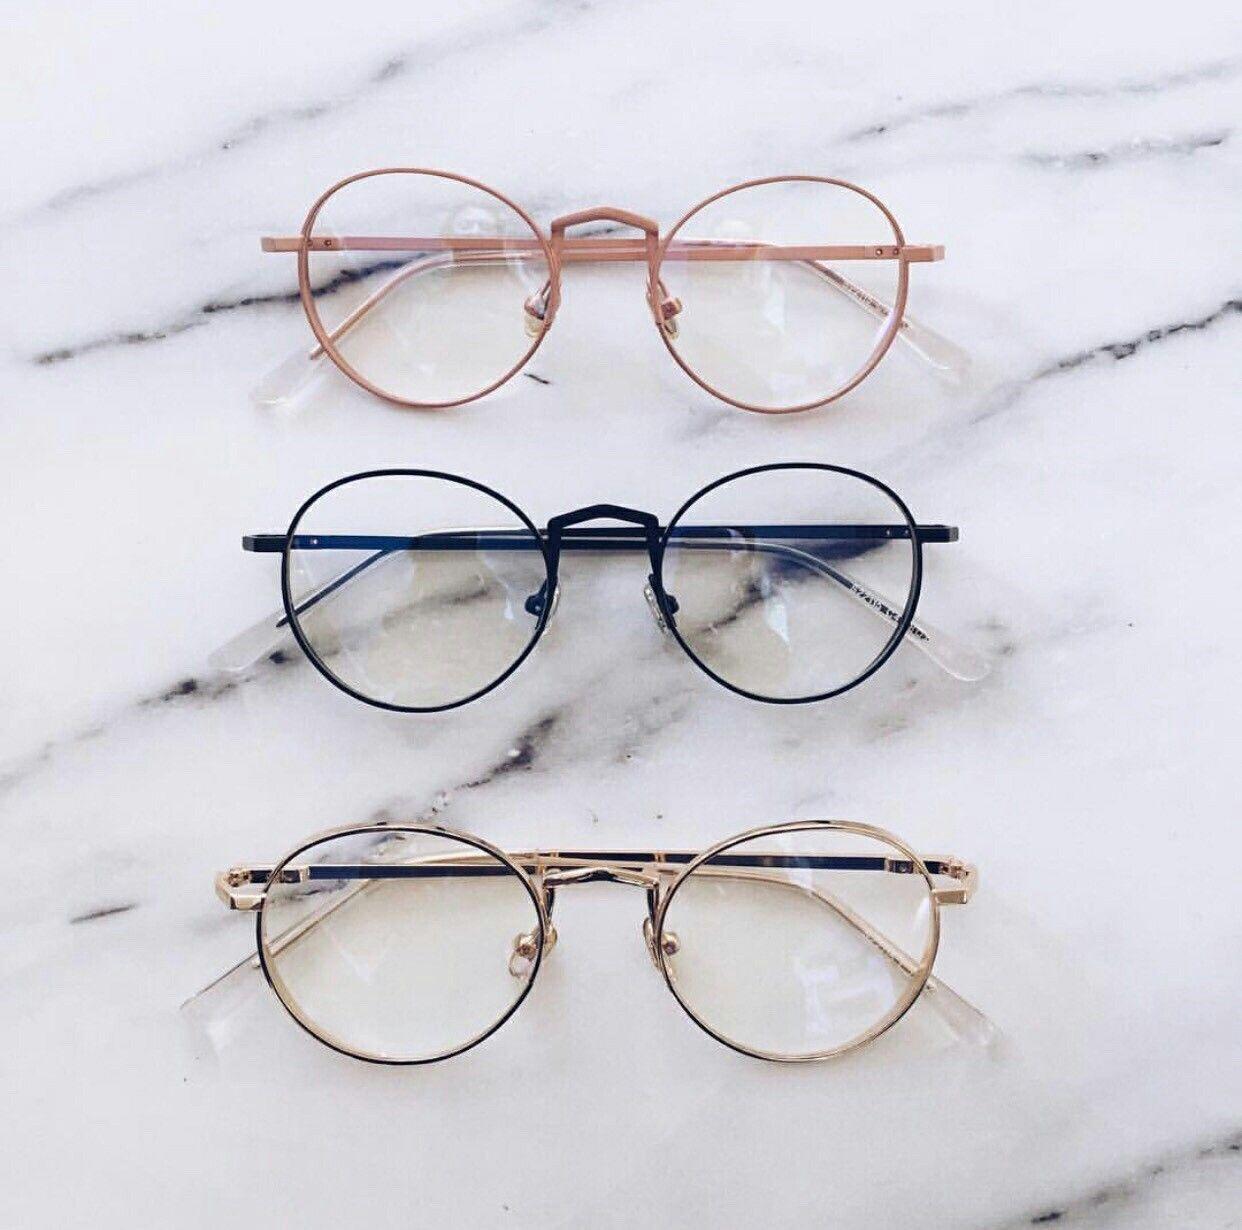 84d1865bfc902 Óculos Masculino, Sapatos, Roupas, Armações De Óculos, Modelos De Óculos,  Usando